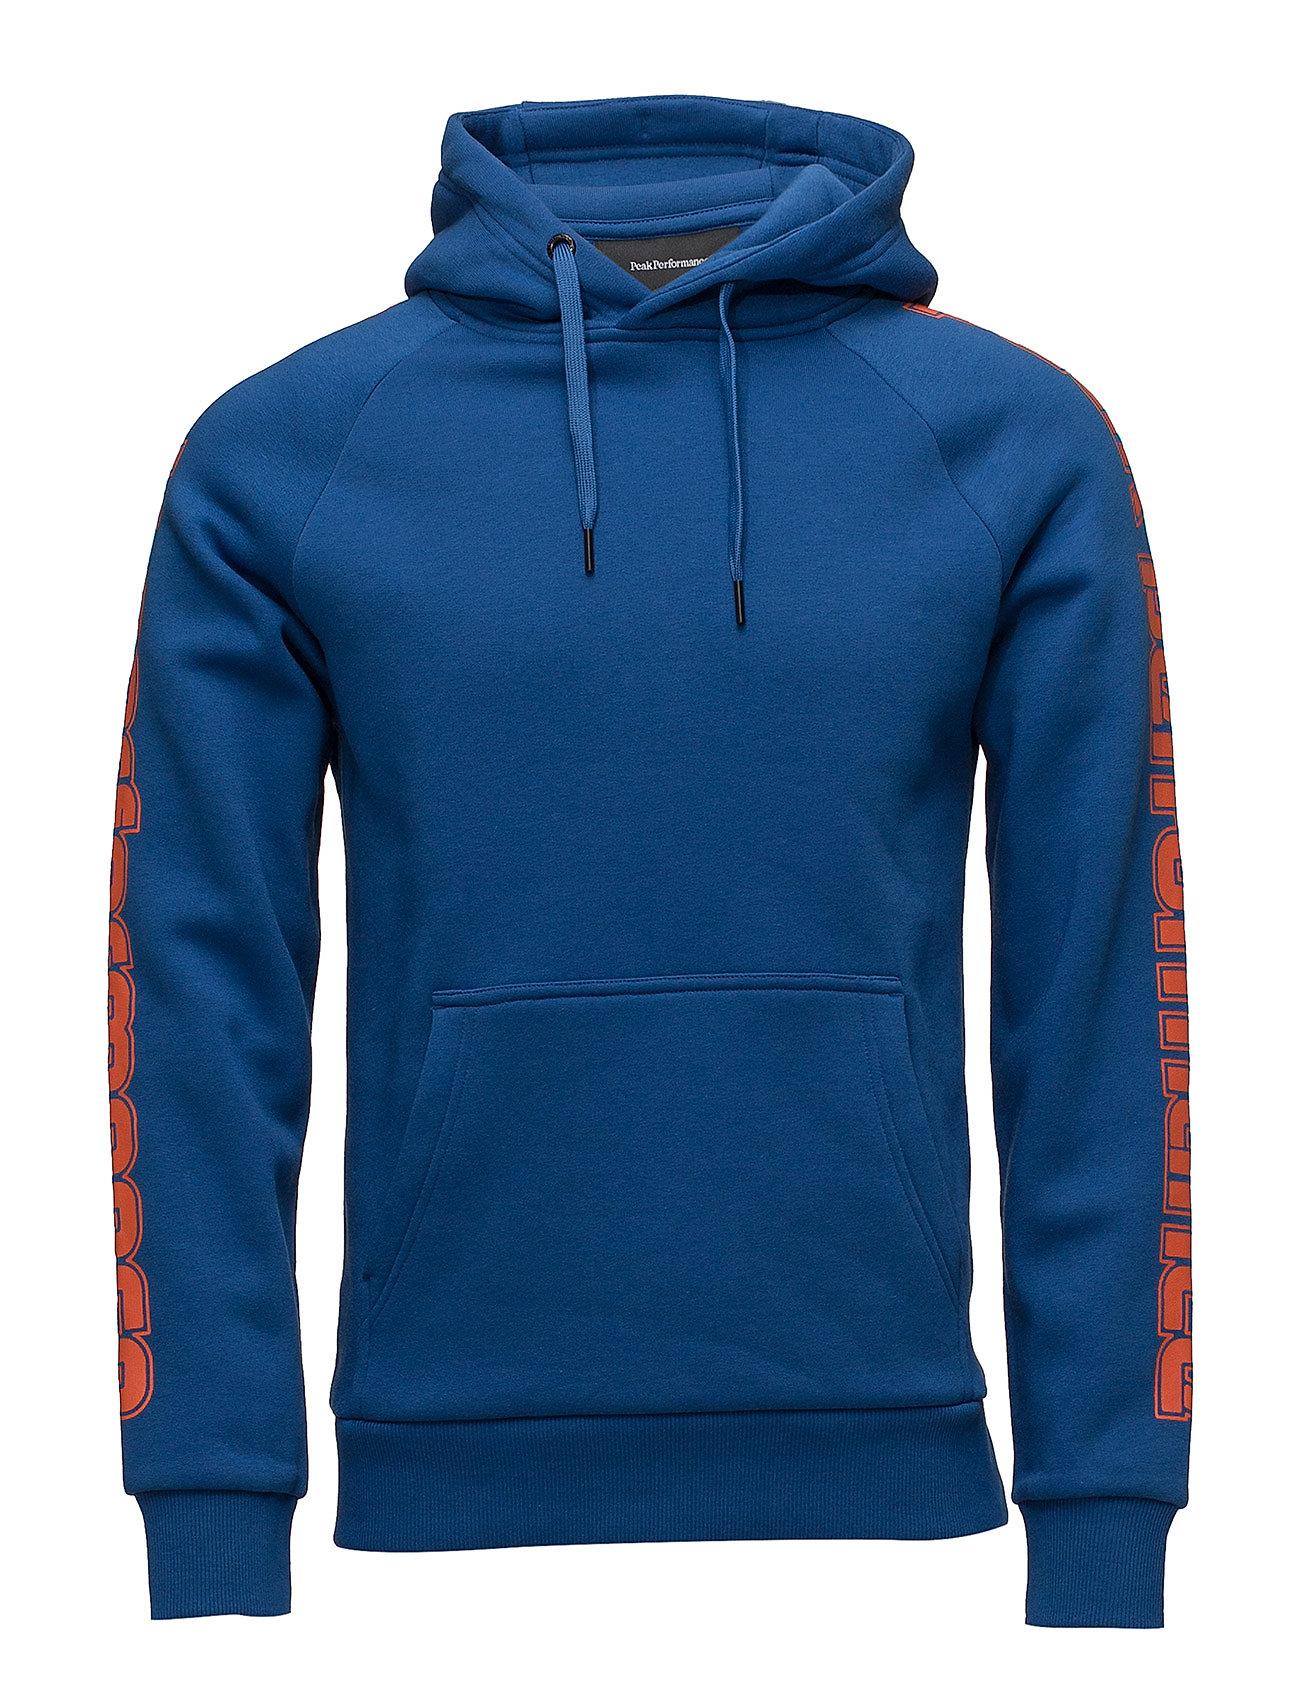 sweatshirt peak performance